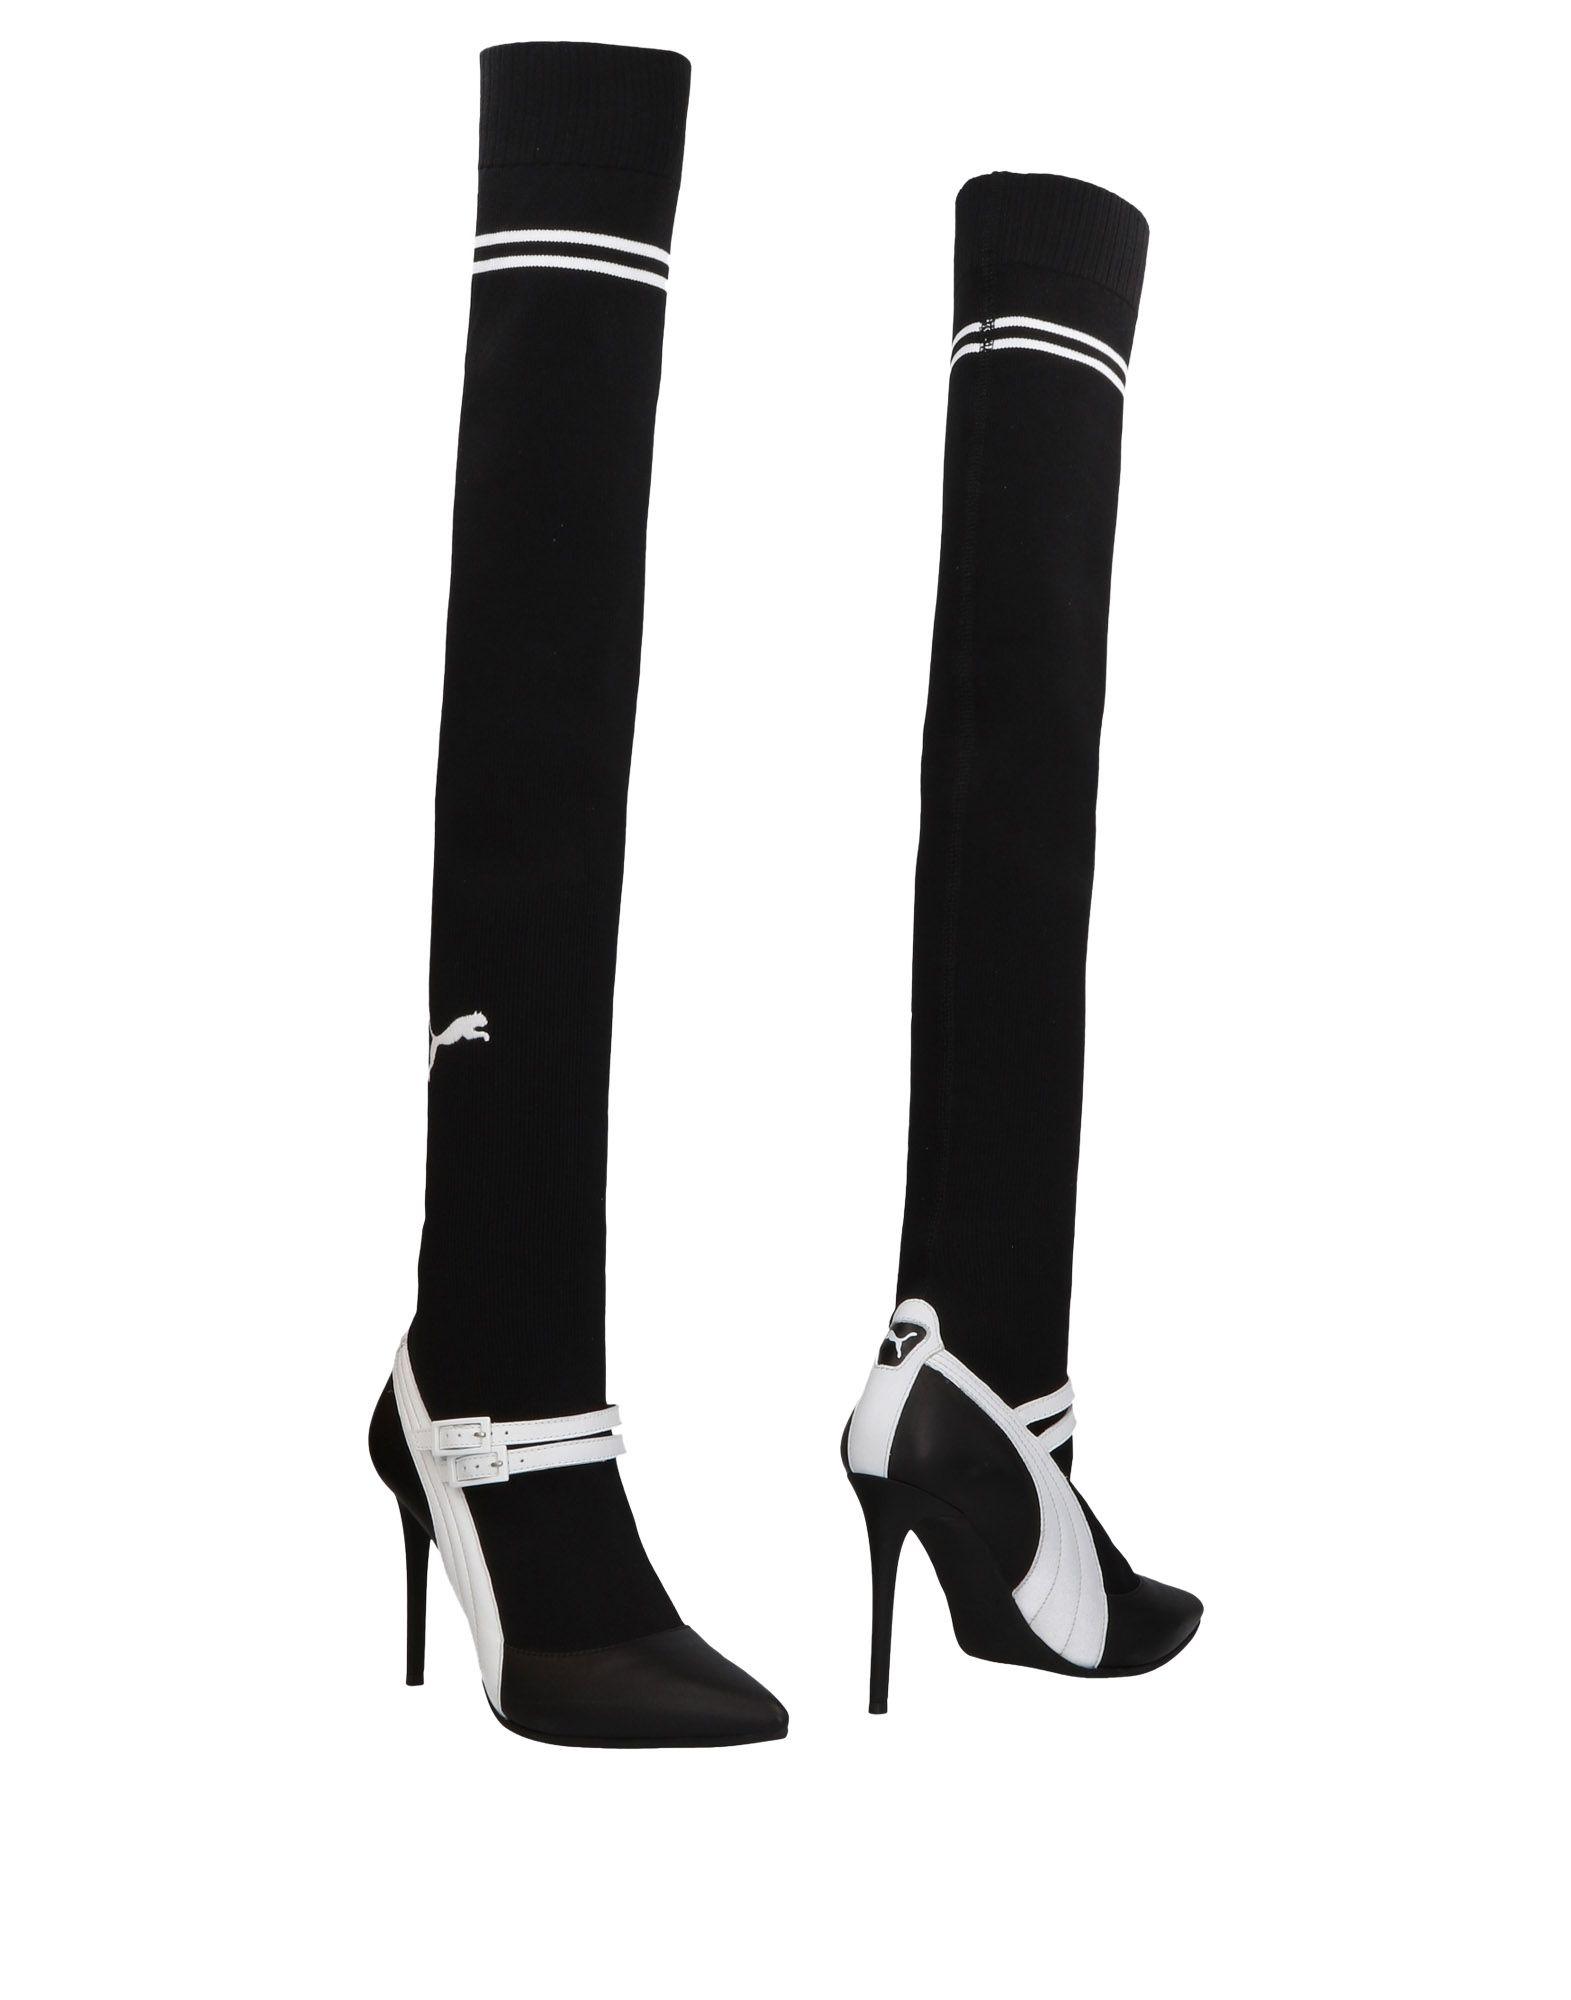 super popular ac900 99f48 FENTY PUMA by RIHANNA Boots - Footwear | YOOX.COM